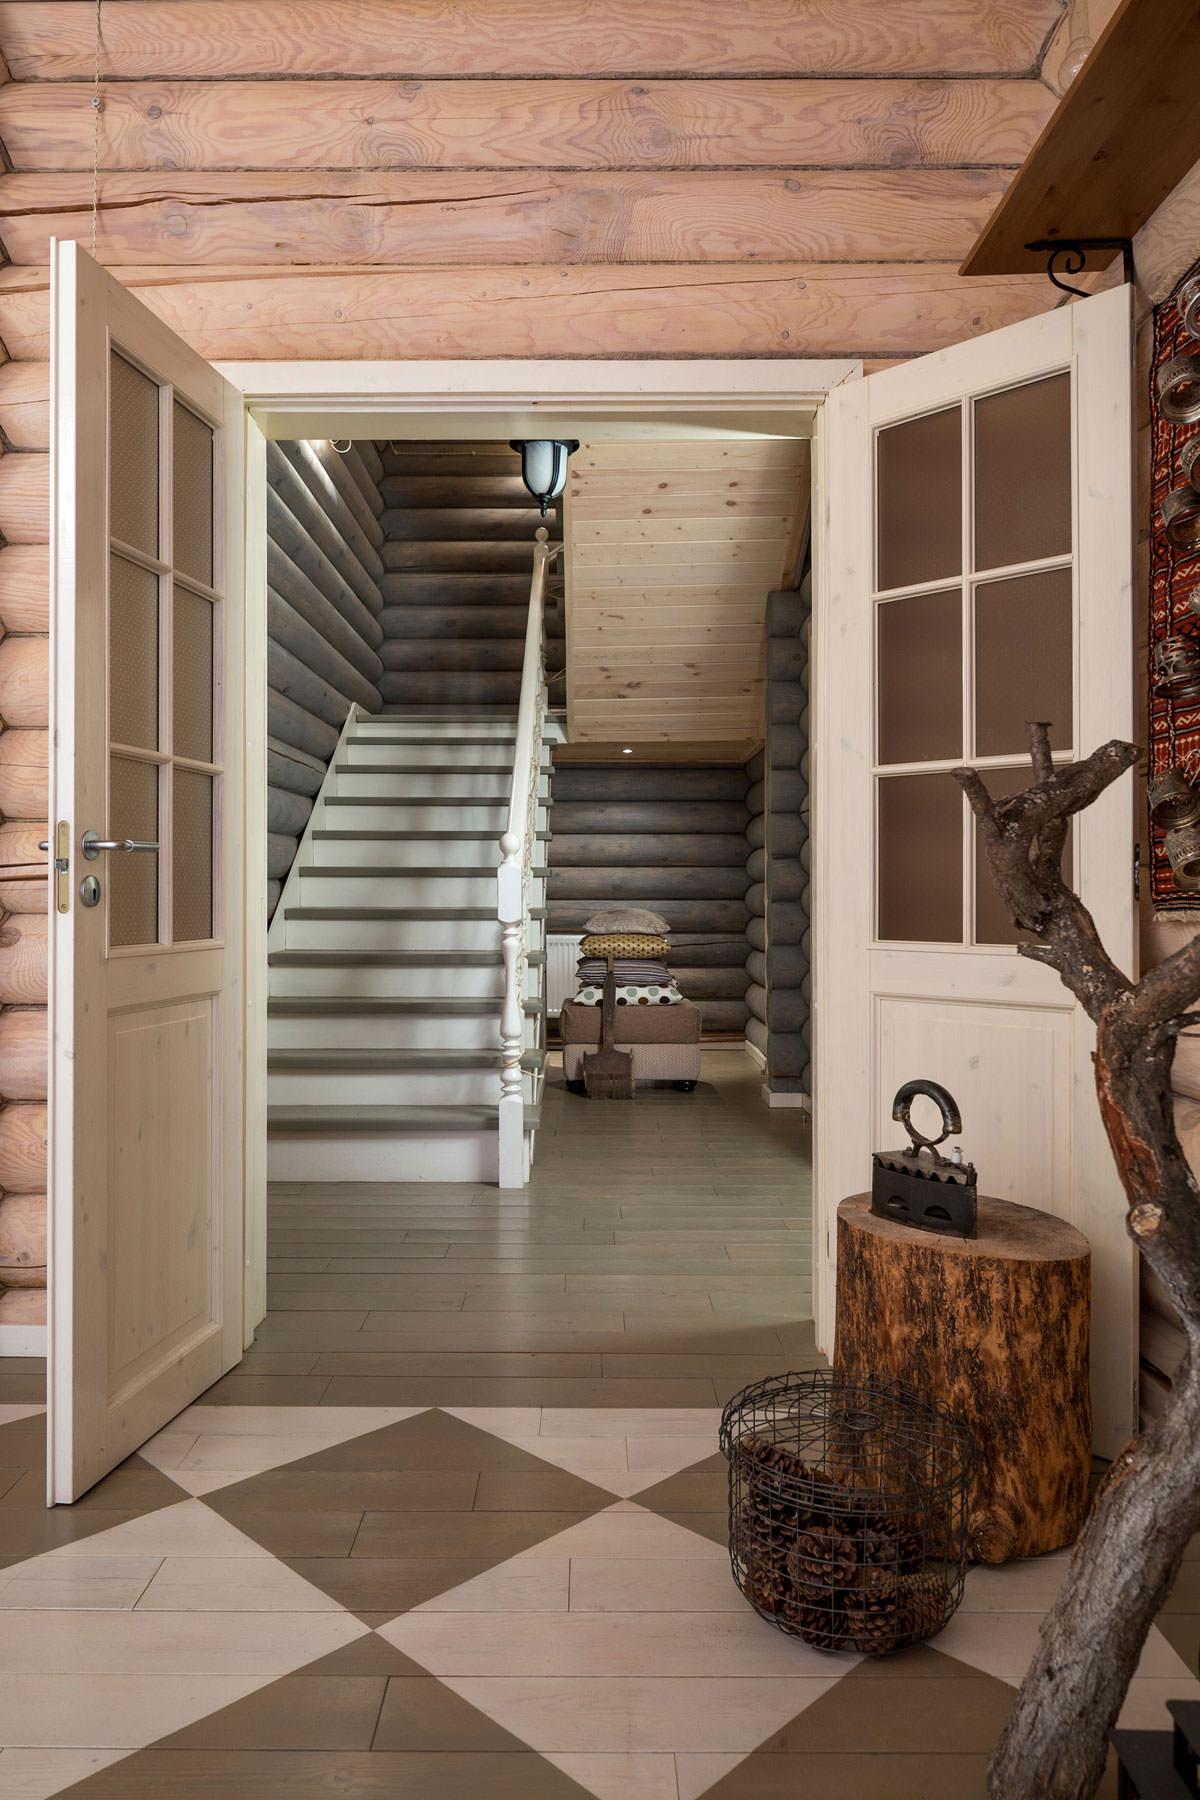 хорошим внутренняя отделка лестниц в деревянном доме фото возникает вопрос, кукла